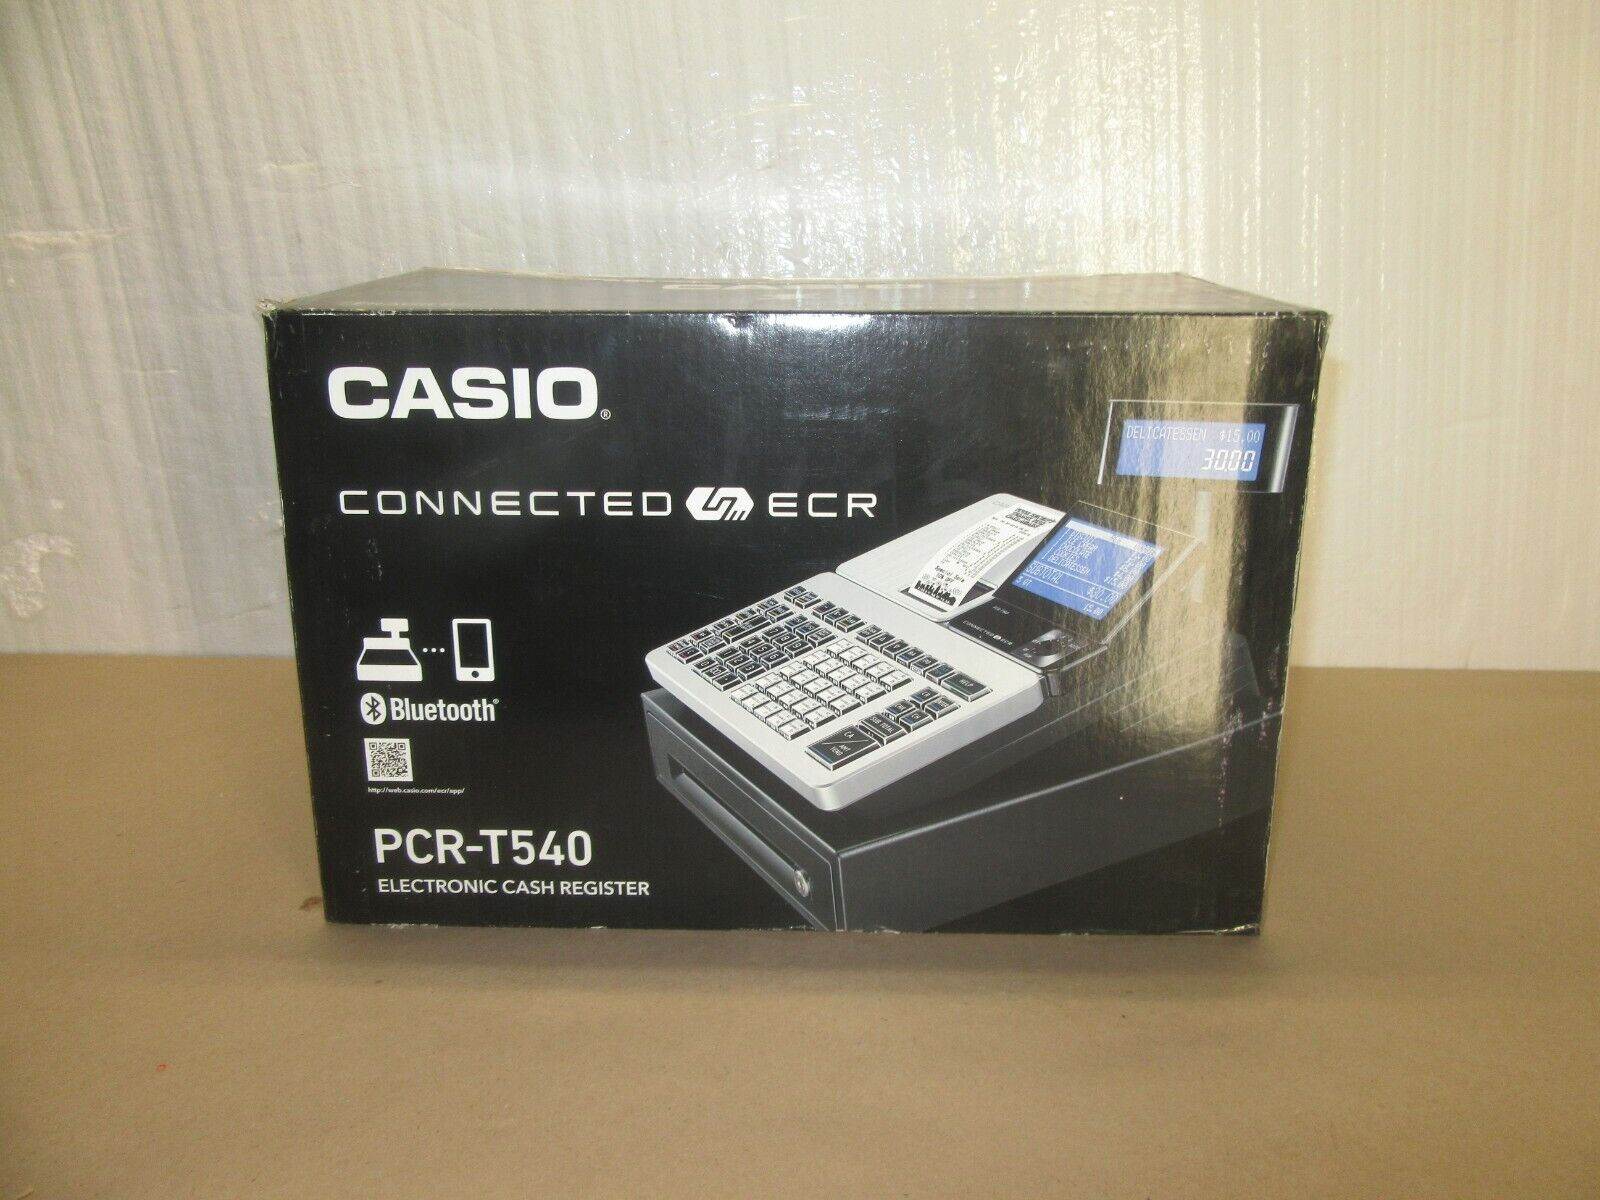 Casio PCR-T540 Cash Register Pcr T540